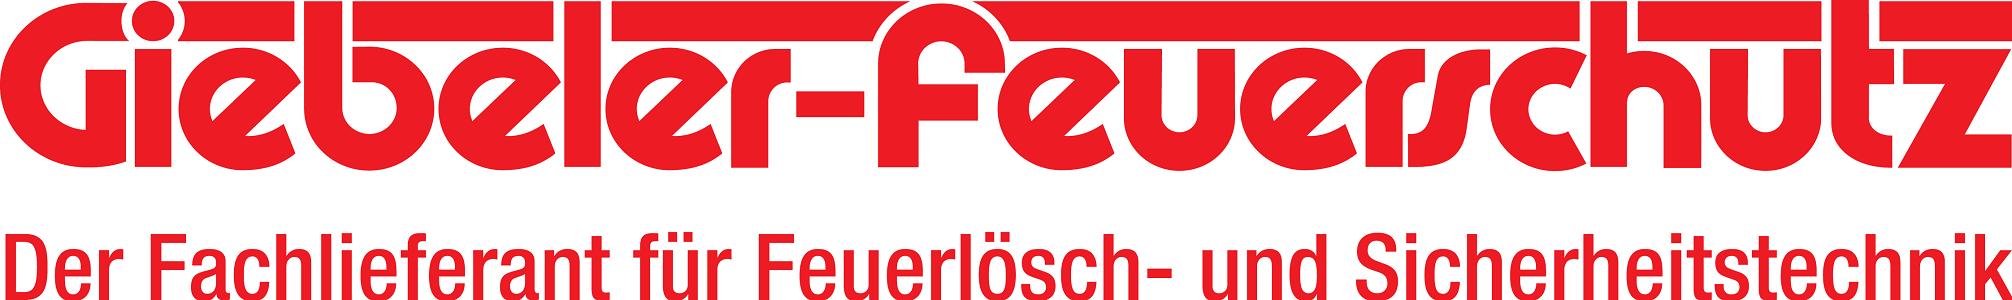 Giebeler Feuerschutz GmbH & Co. KG